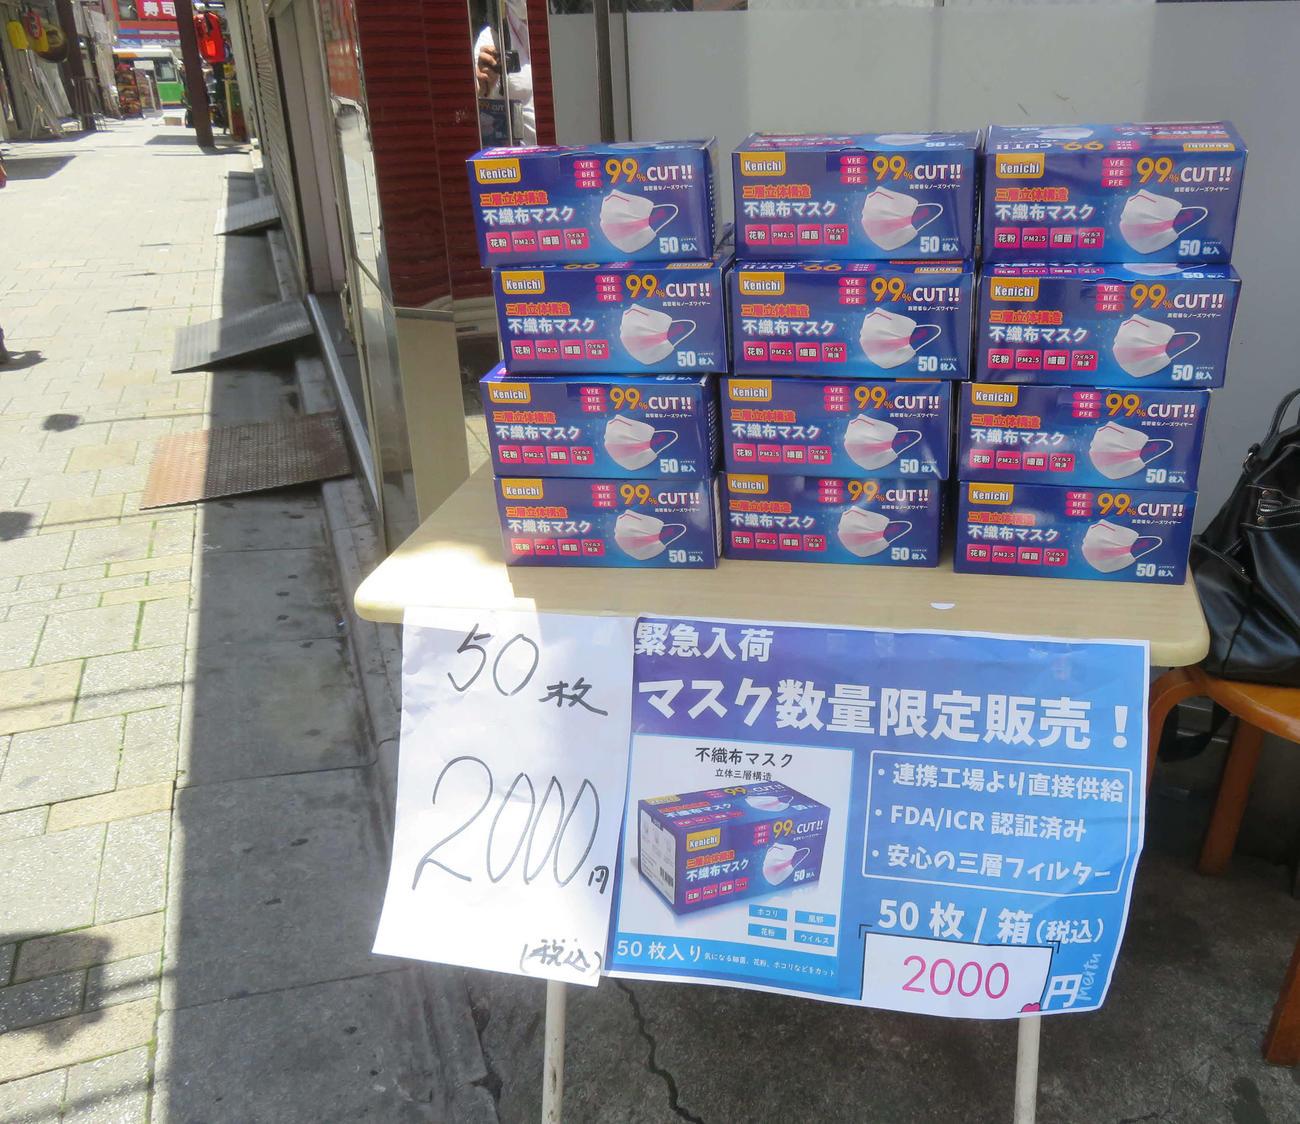 アメ横の路地には税込み1箱2000円(50枚入り)のマスクが並べられていた(撮影・大上悟)